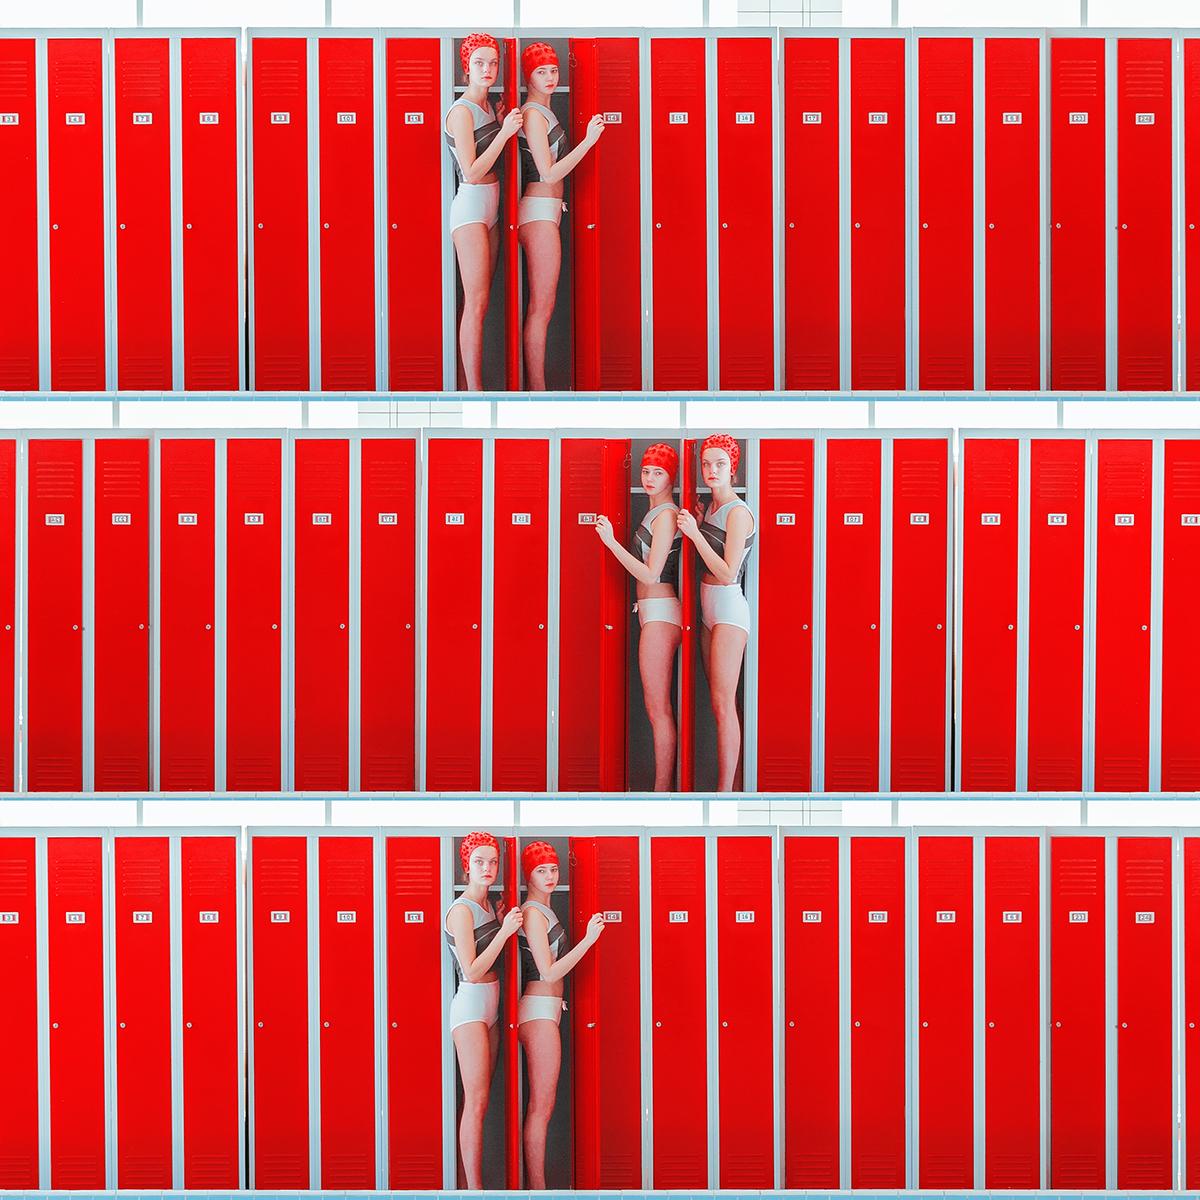 Maria Svarbova, Triple lockers, Archival Pigment Print, 27 1/2 x 27 1/2 in (70 x 70 cm)